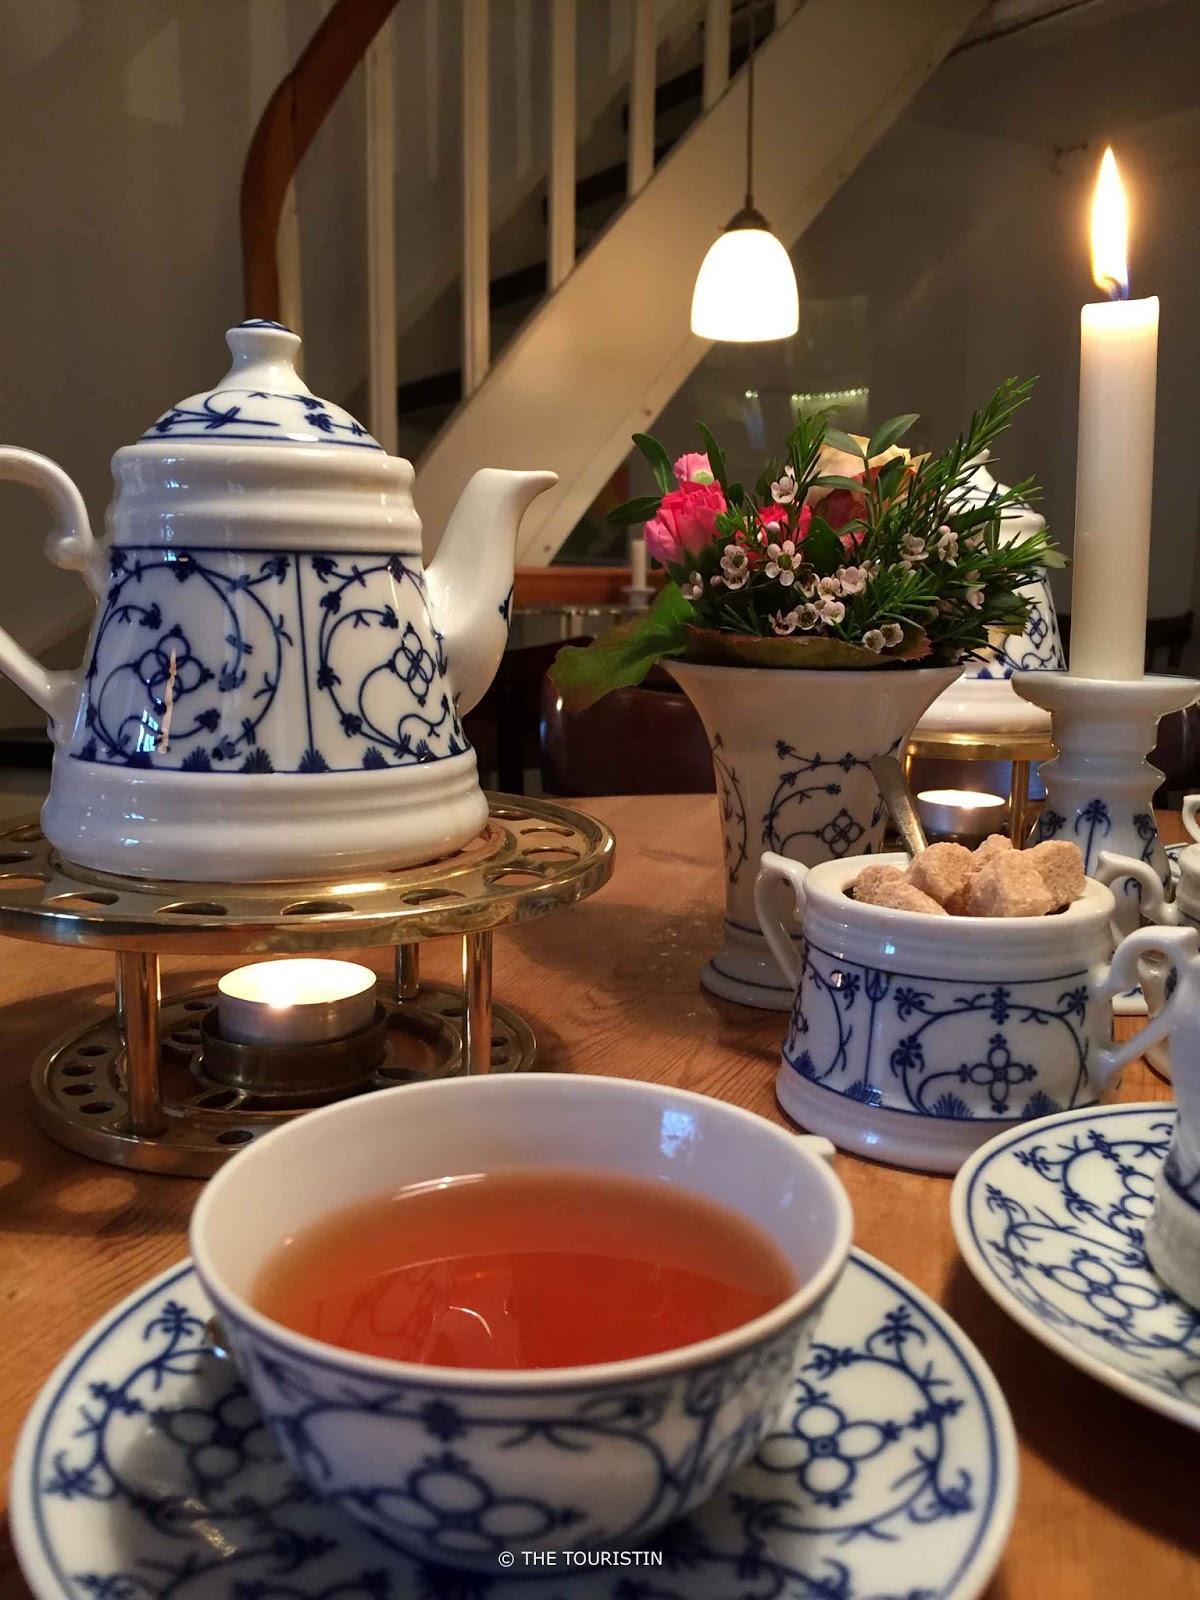 The Touristin Tea Time In East Frisia